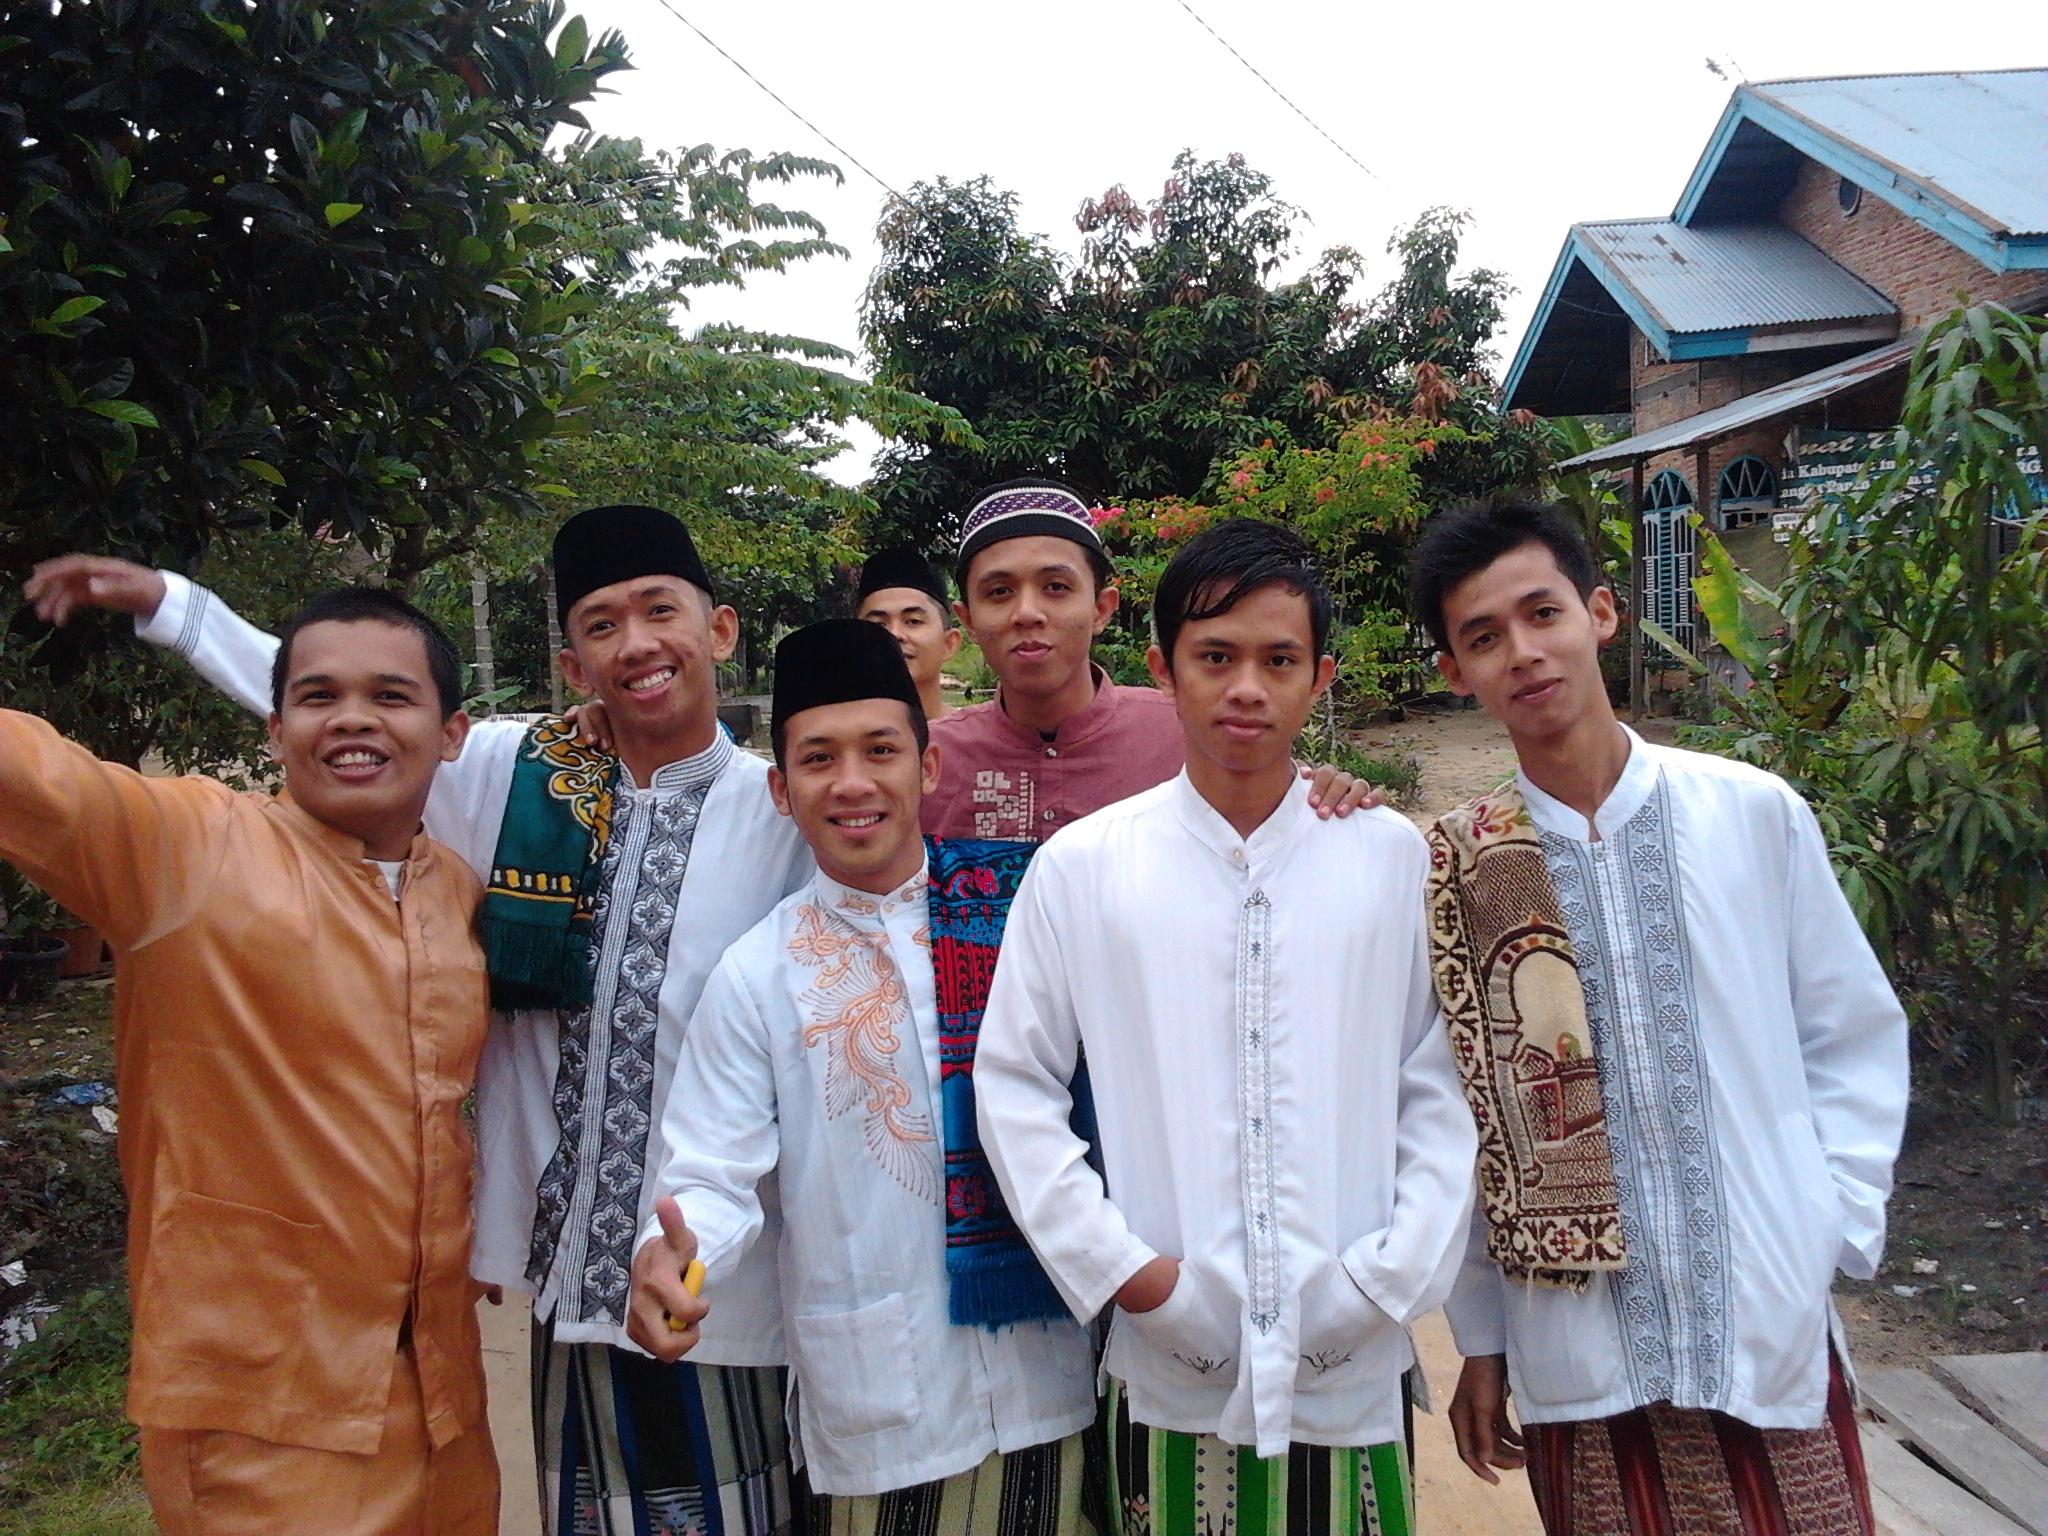 Adhitya dan teman-teman asrama saat lebaran Idul Adha tahu 2011